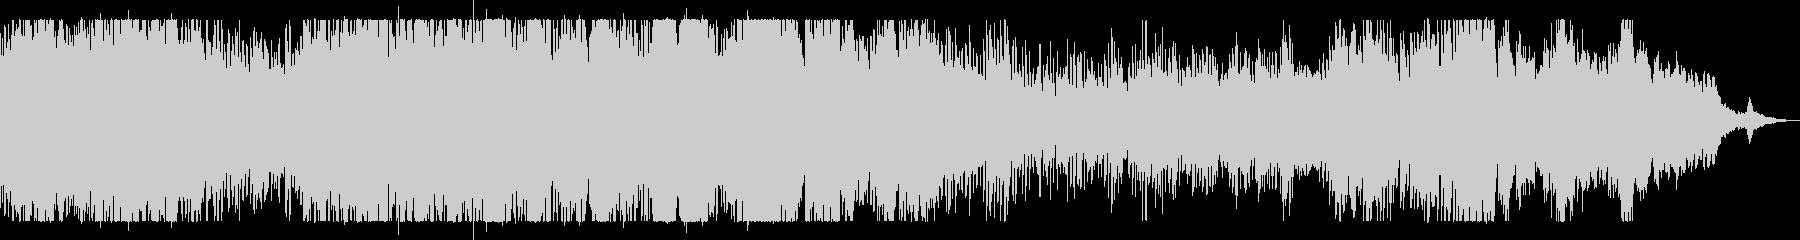 雨粒の水滴の煌めきを表現したピアノソロの未再生の波形